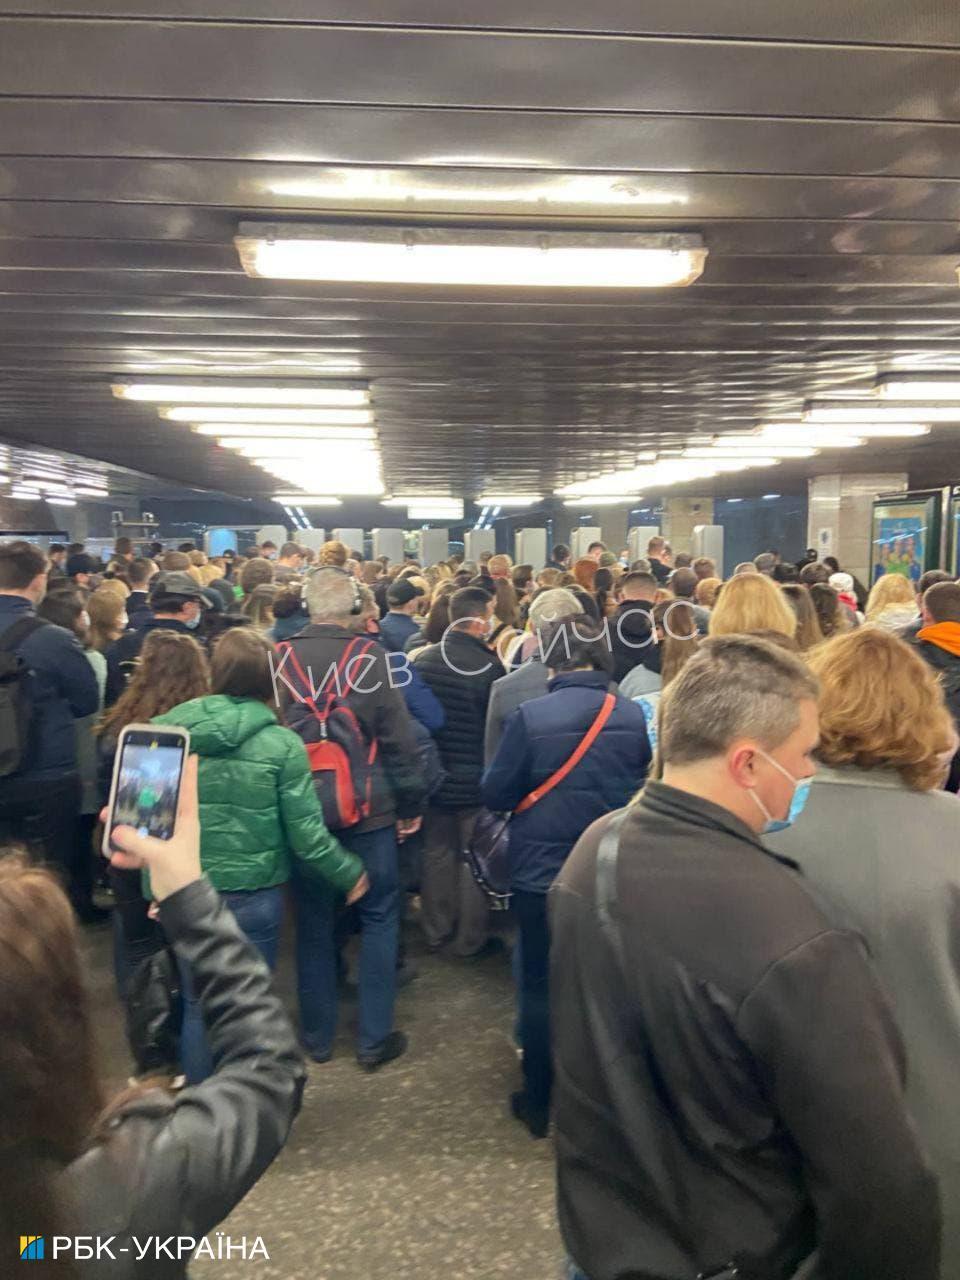 У метро Києва виникла небувала тиснява після закінчення локдауну (фото)